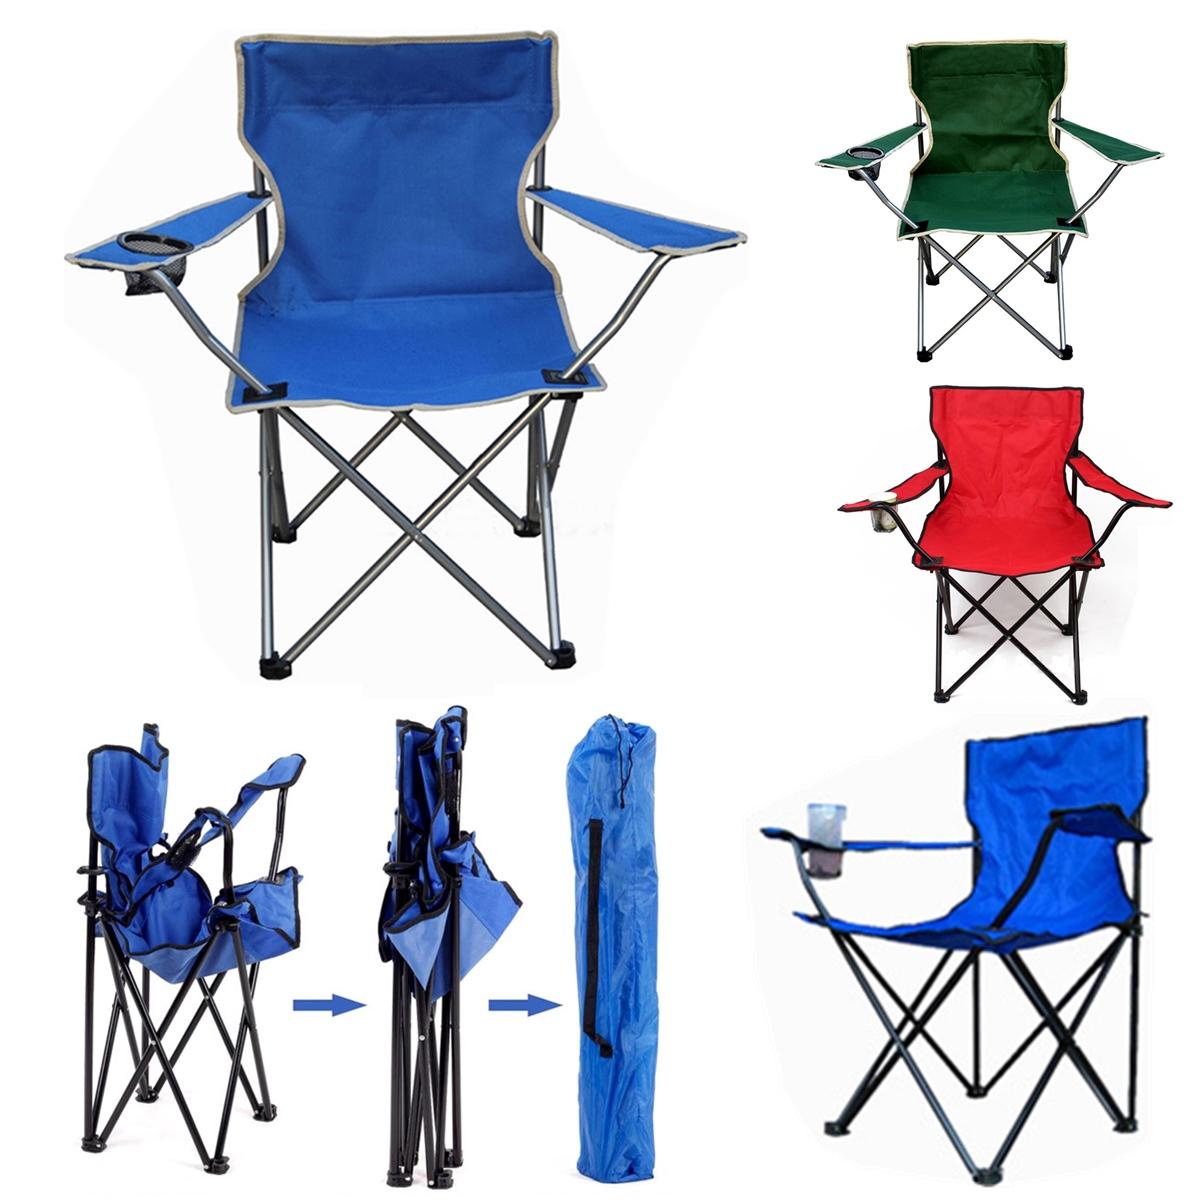 НаоткрытомвоздухеПортативныйскладнойстул Рыбалка Кемпинг Пляжный Стул для пикника с держателем для чашек